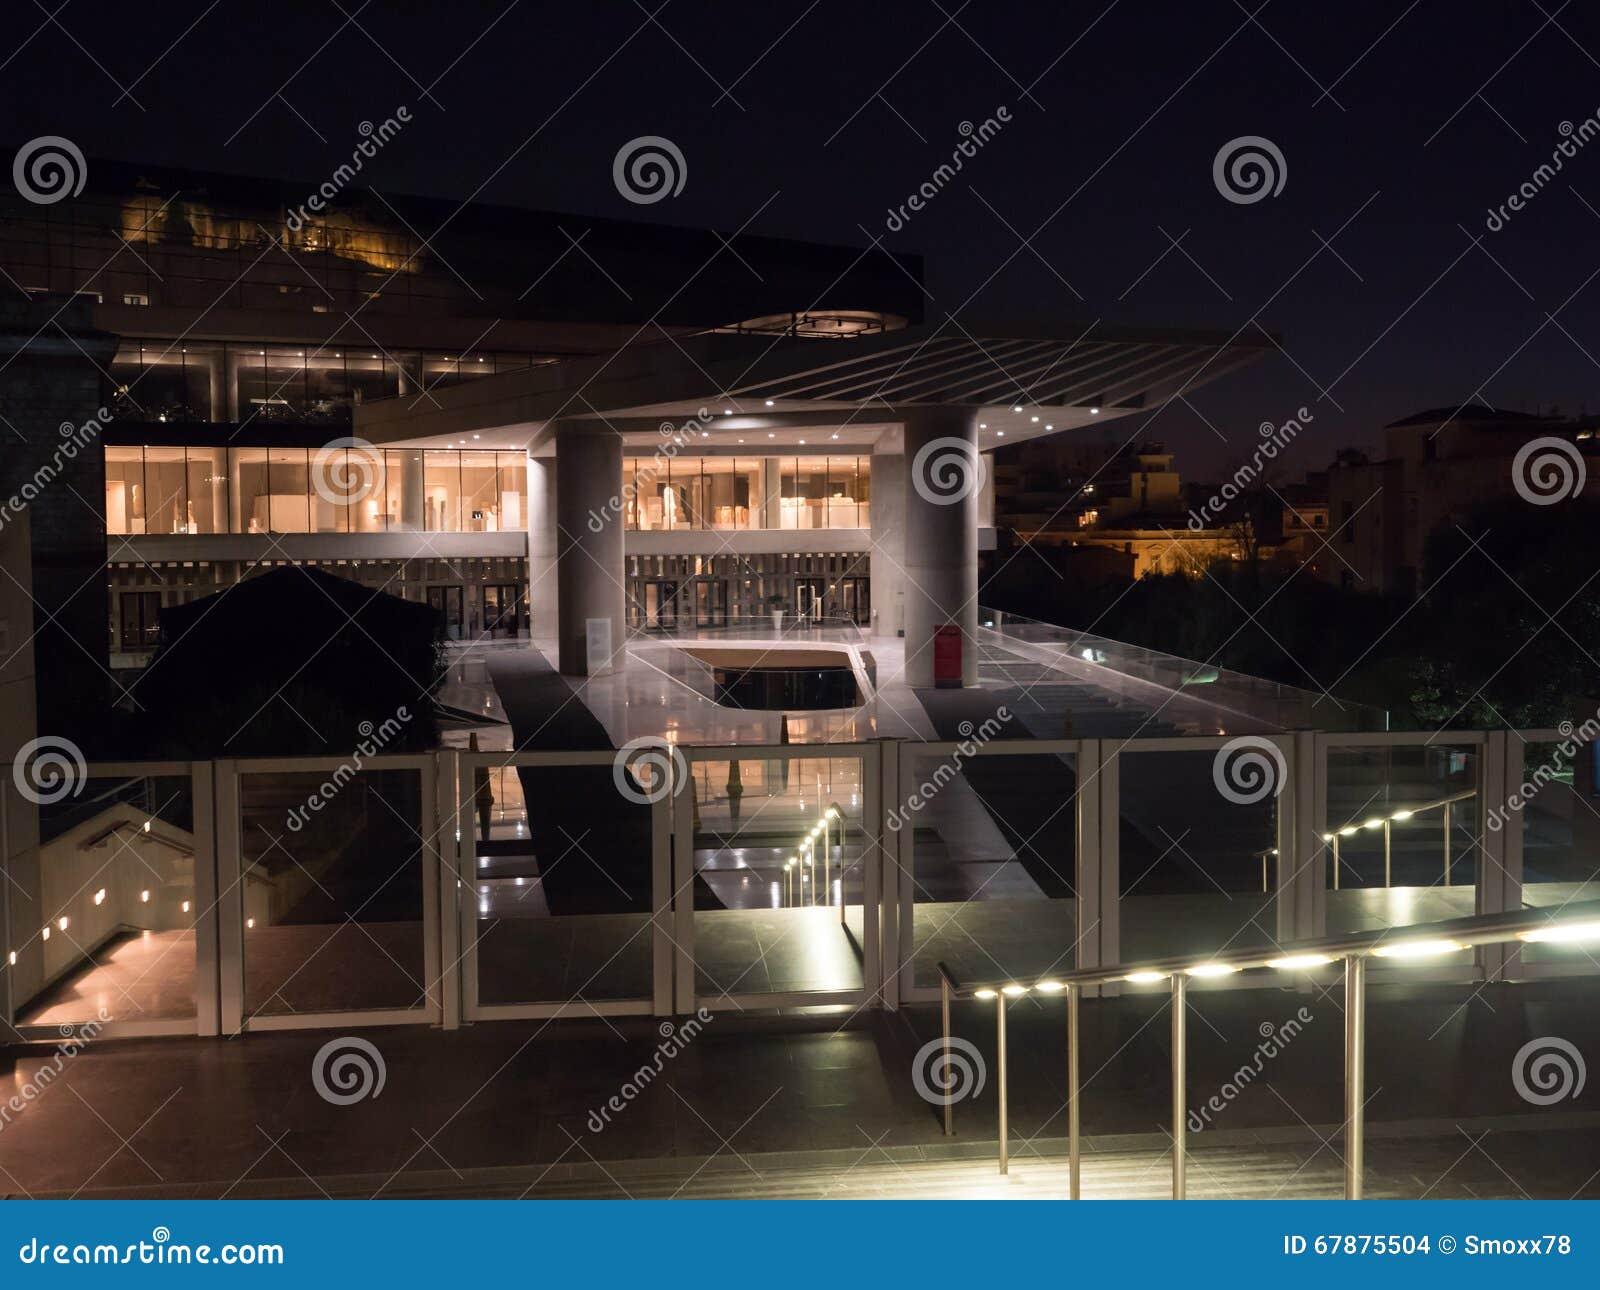 上城雅典博物馆右侧视图